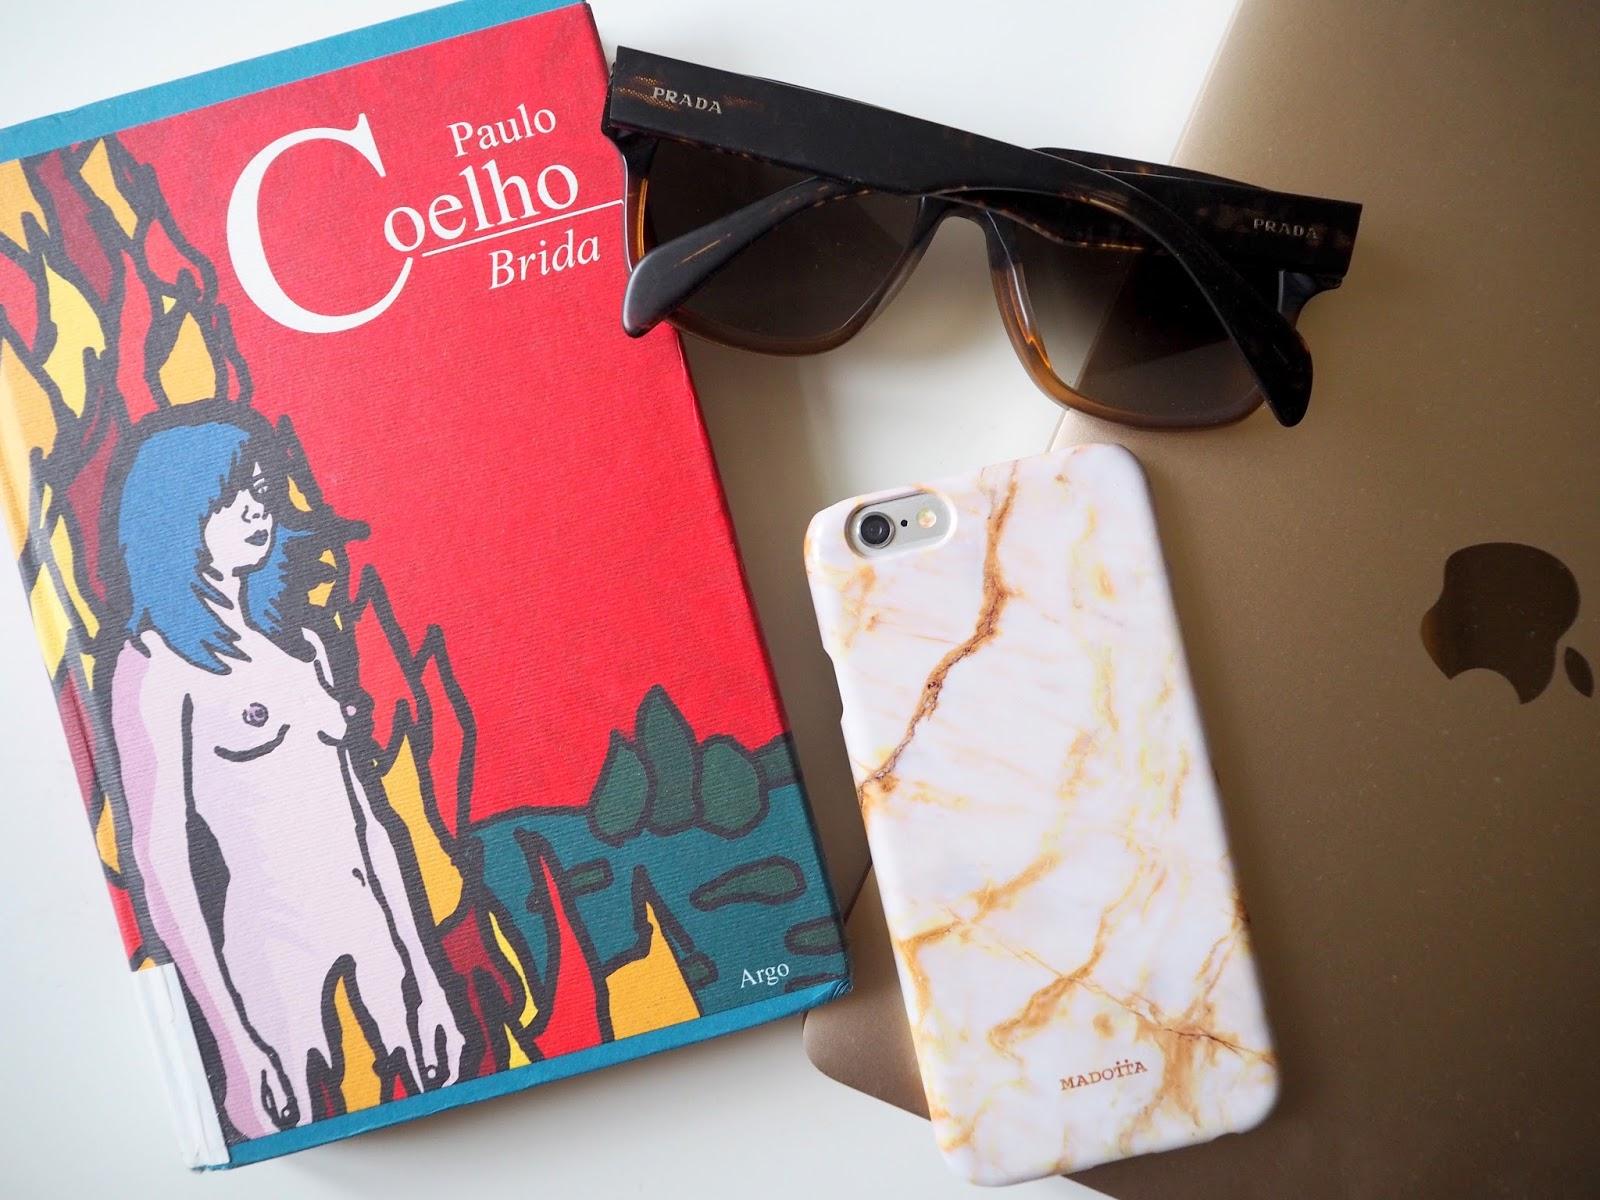 paulo Coelho kniha martinus